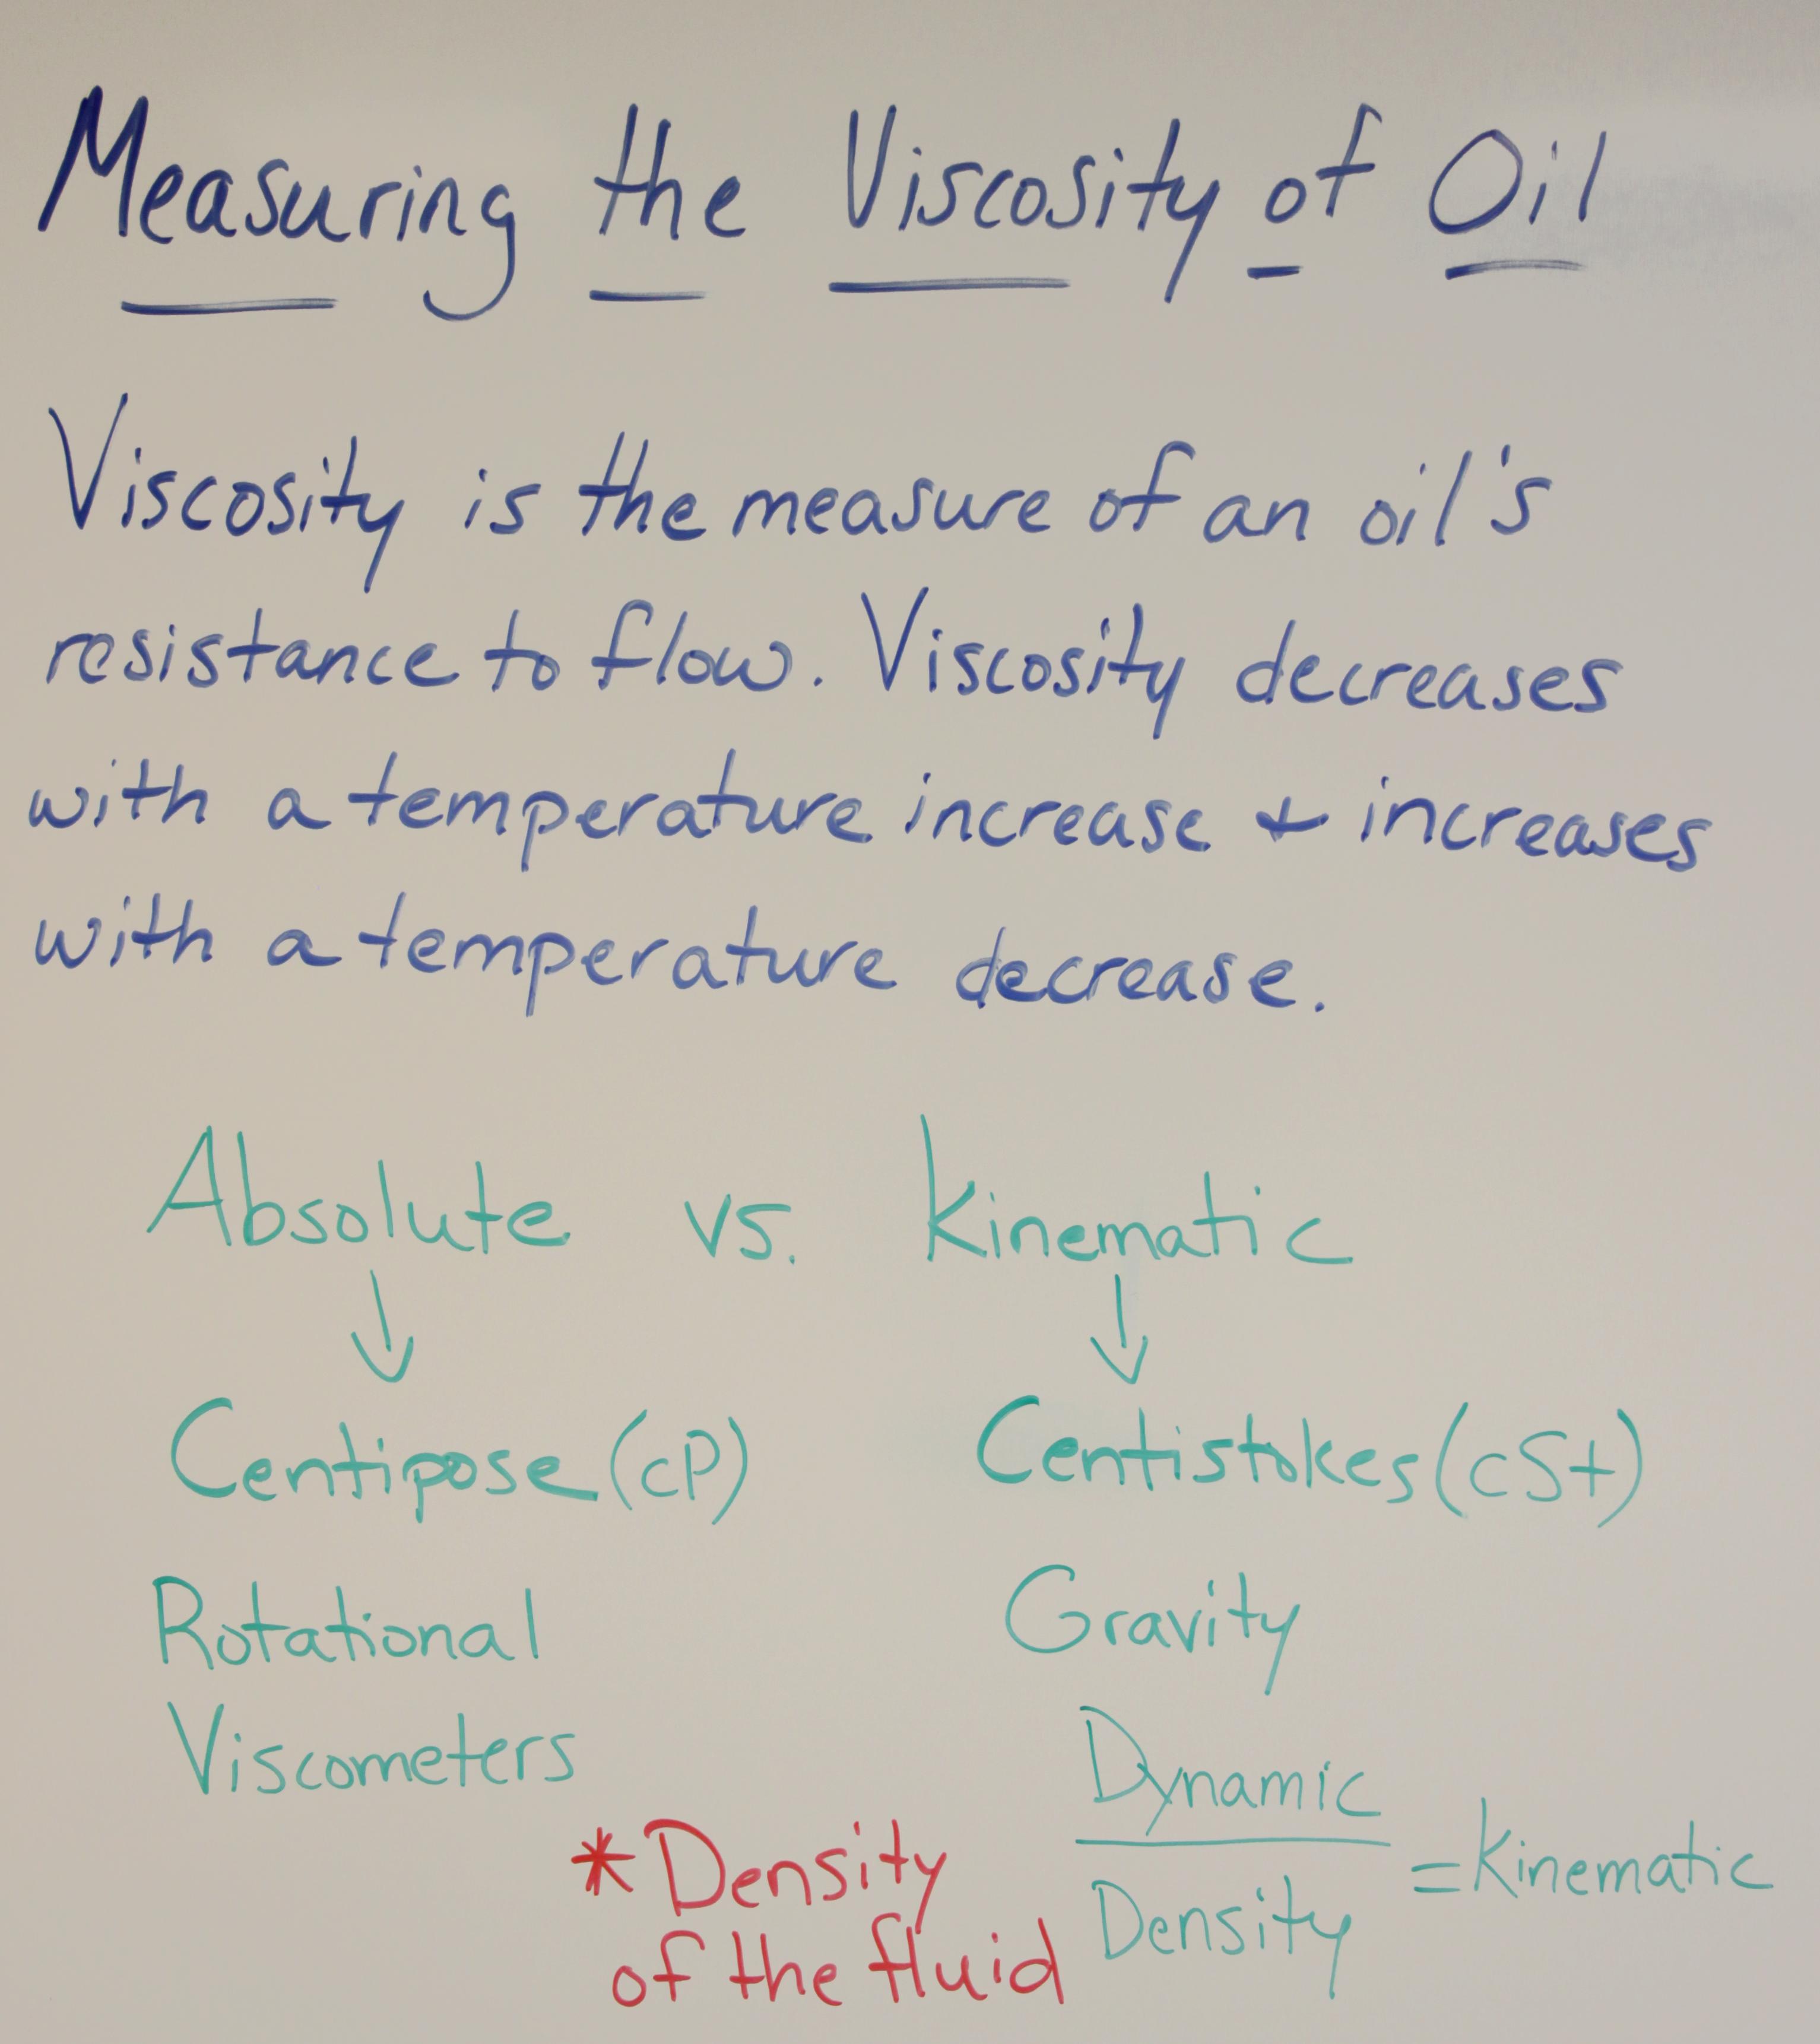 Measuring Oil Viscosity